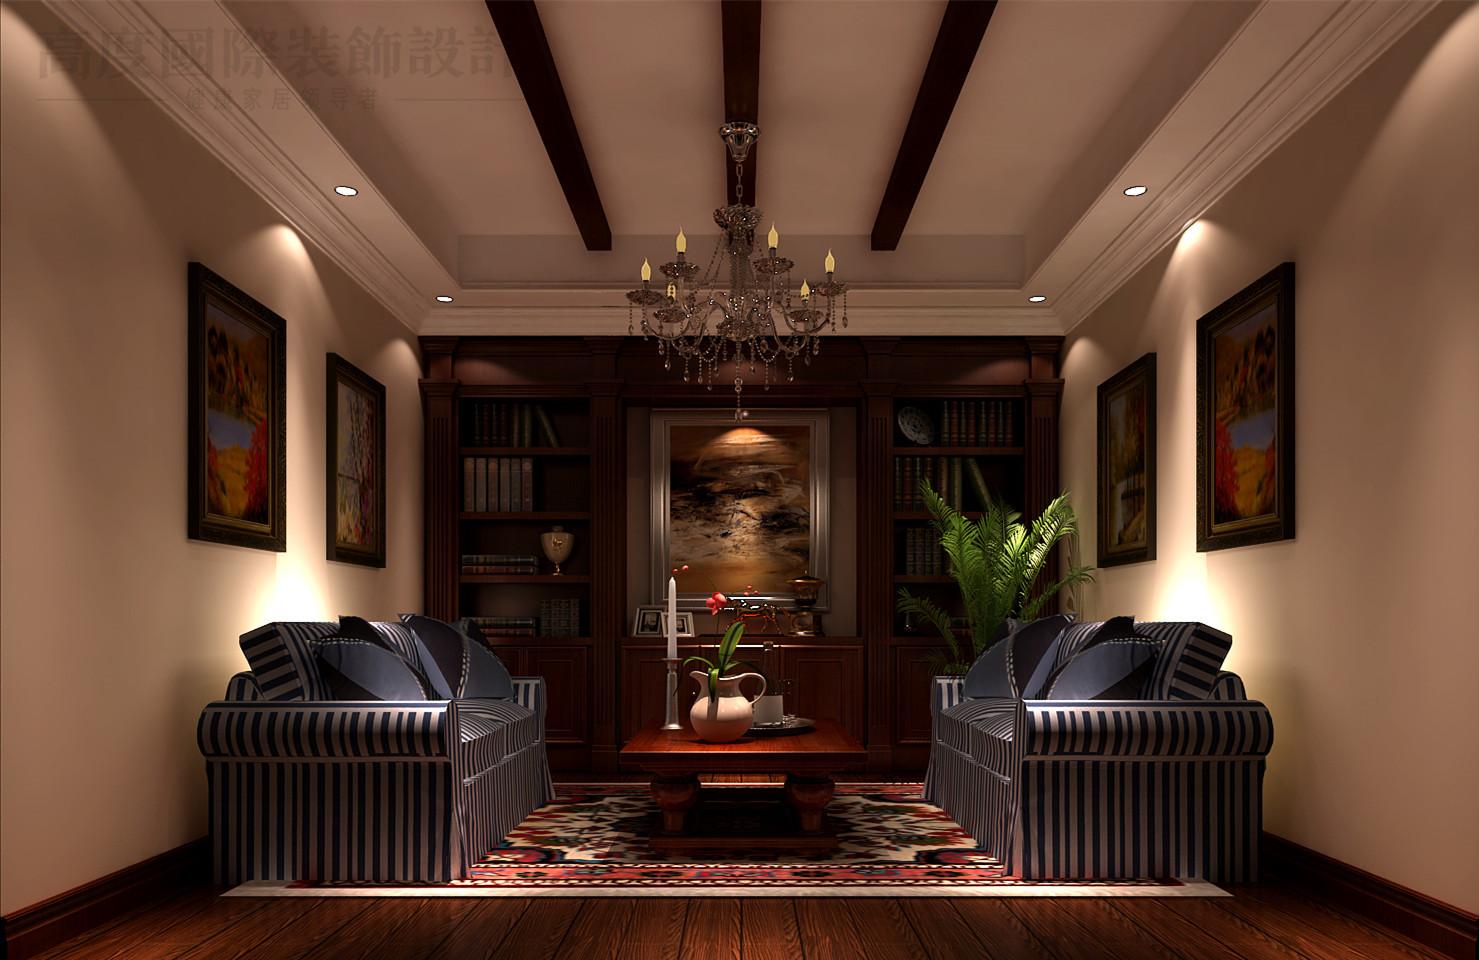 托斯卡纳 别墅 潮白河 效果图 装修 其他图片来自高度国际别墅装饰设计在潮白河孔雀城托斯卡纳风格设计的分享